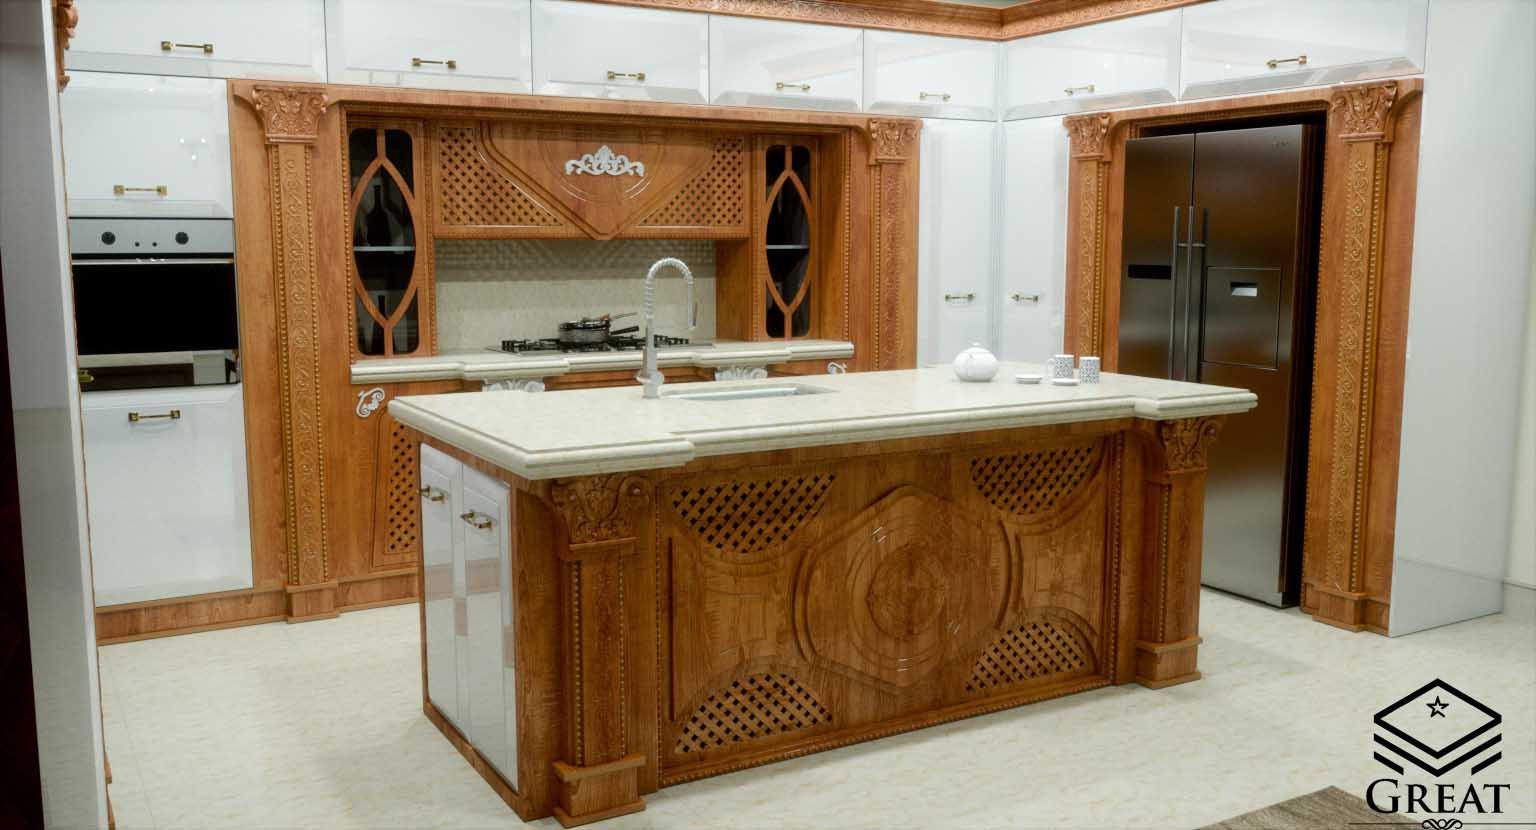 کابینت آشپزخانه خاص جواهر سفید انزو و قهوه ای روکش چوب